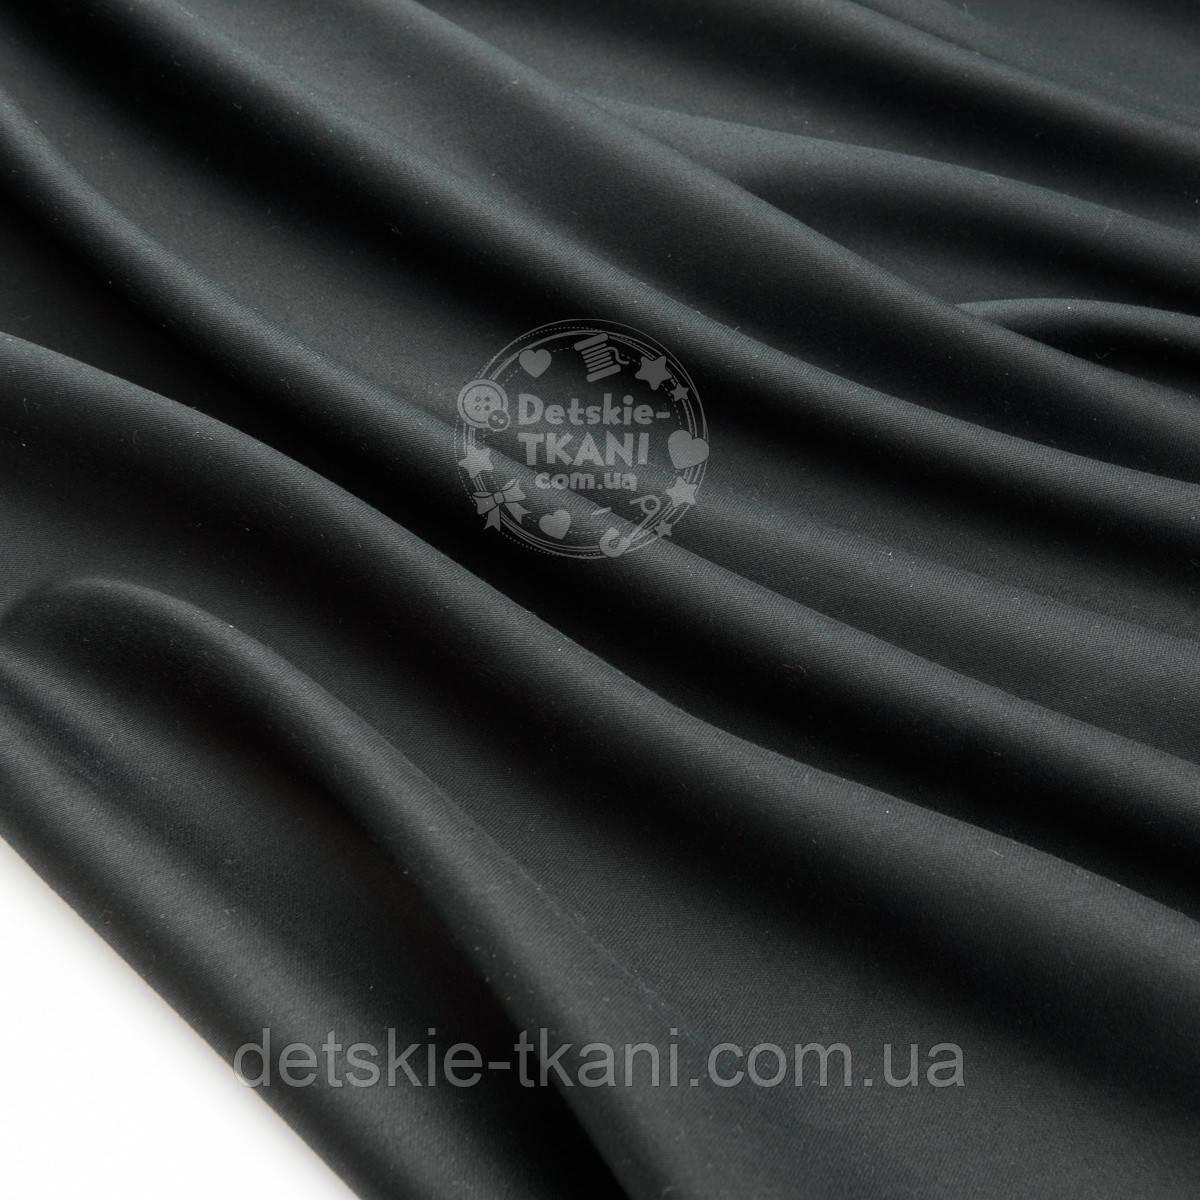 Лоскут сатина, цвет чёрный, №1324, размер 51*80 см